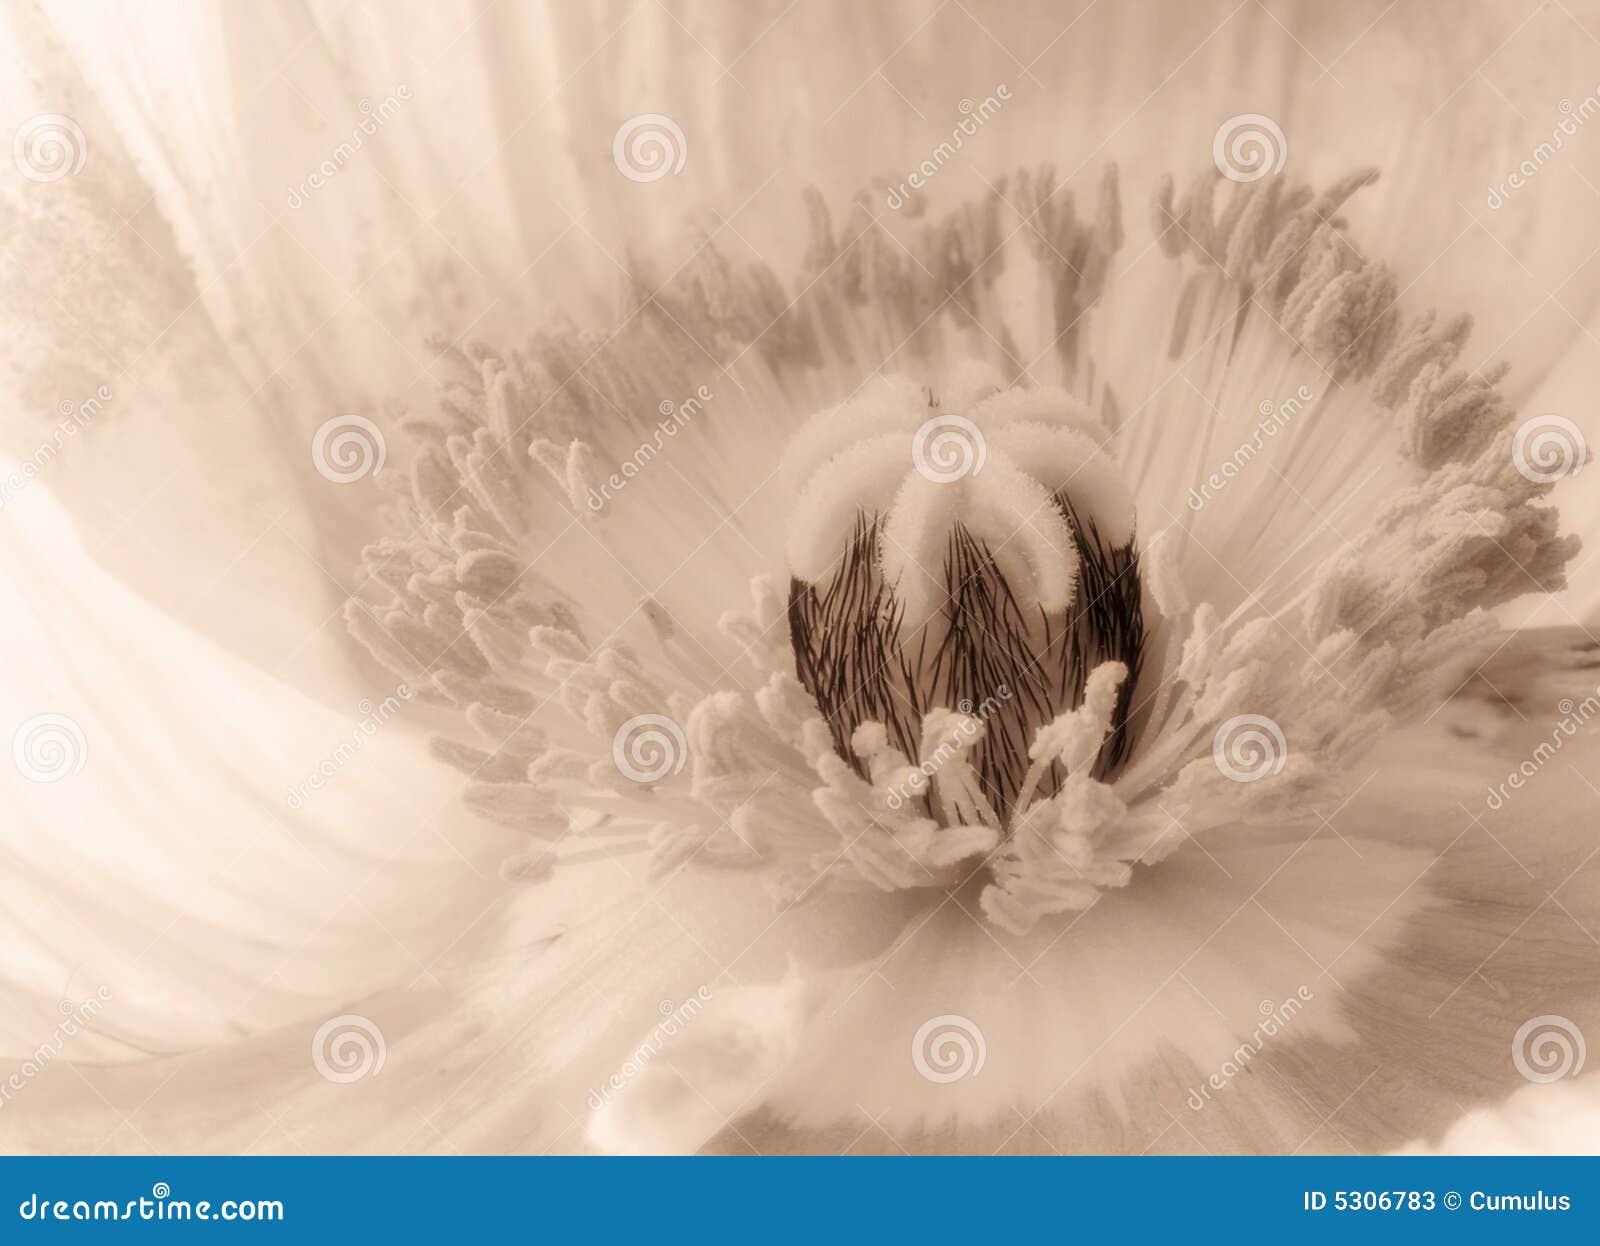 Download Primo piano del fiore immagine stock. Immagine di sepia - 5306783